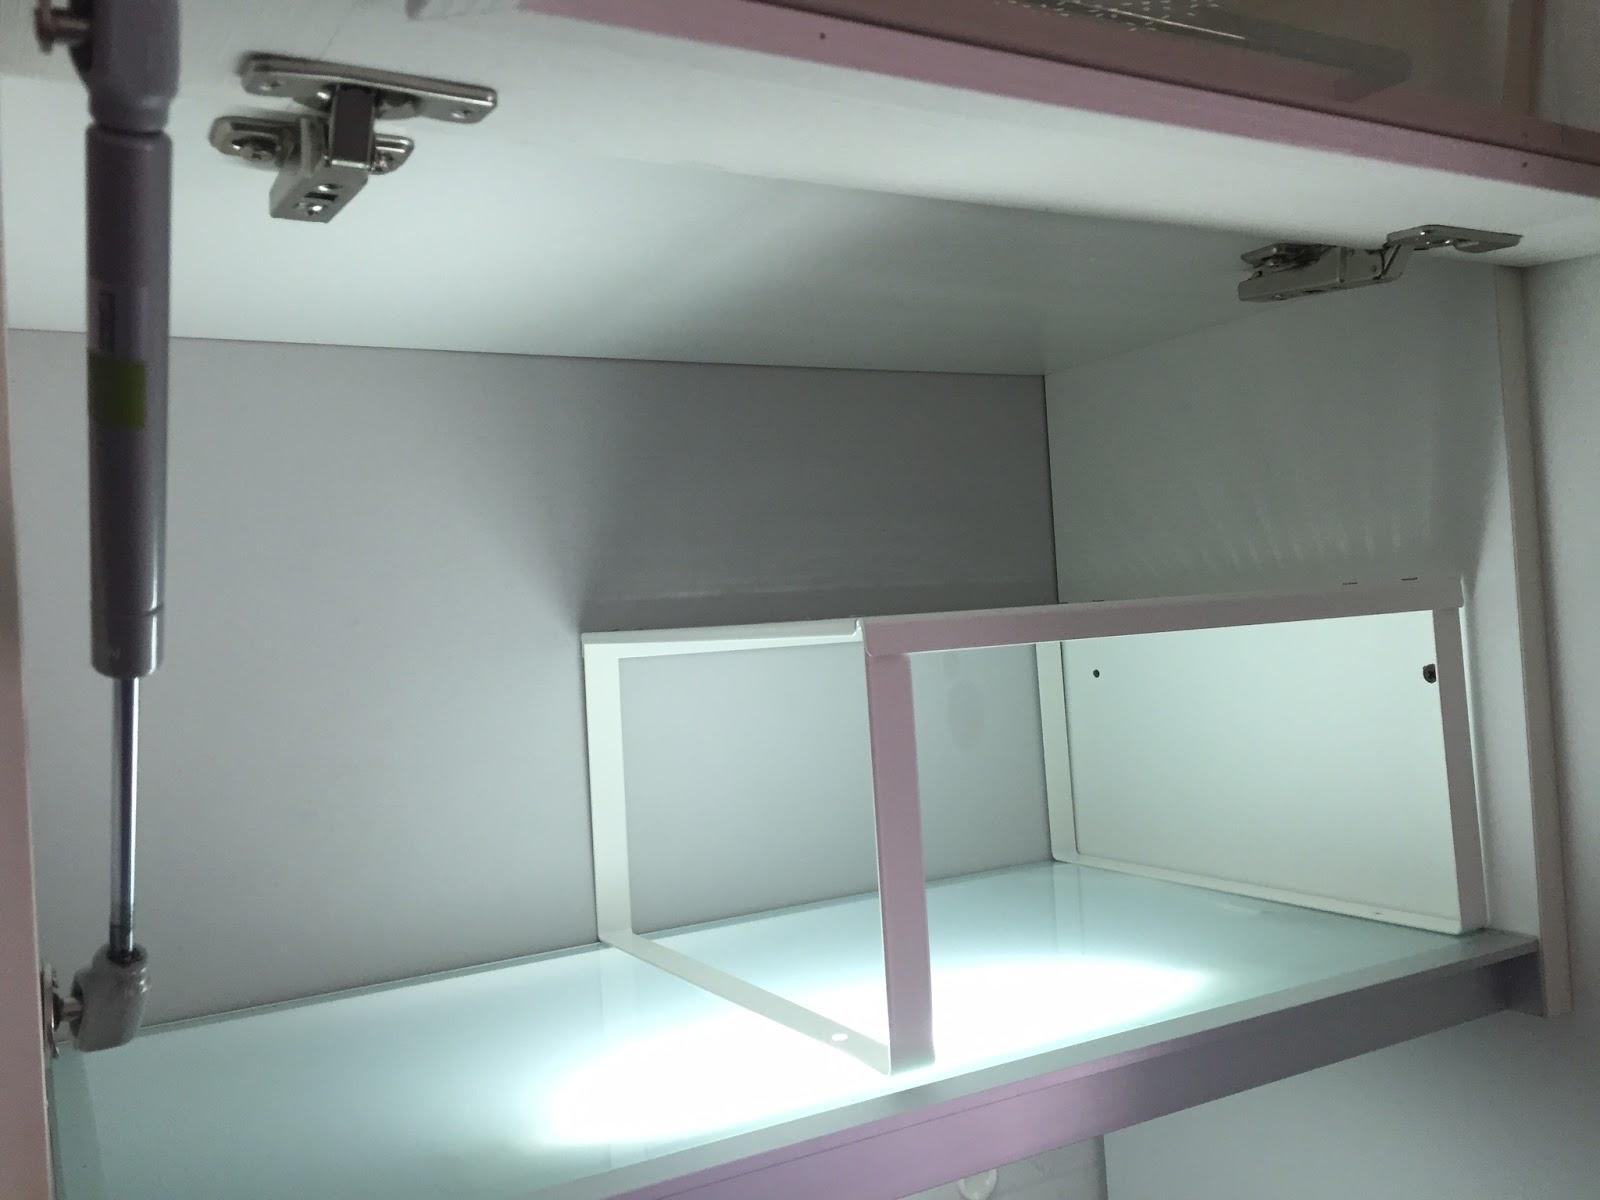 Divisori per ripiani cucina confortevole soggiorno nella - Accessori per cucina ikea ...